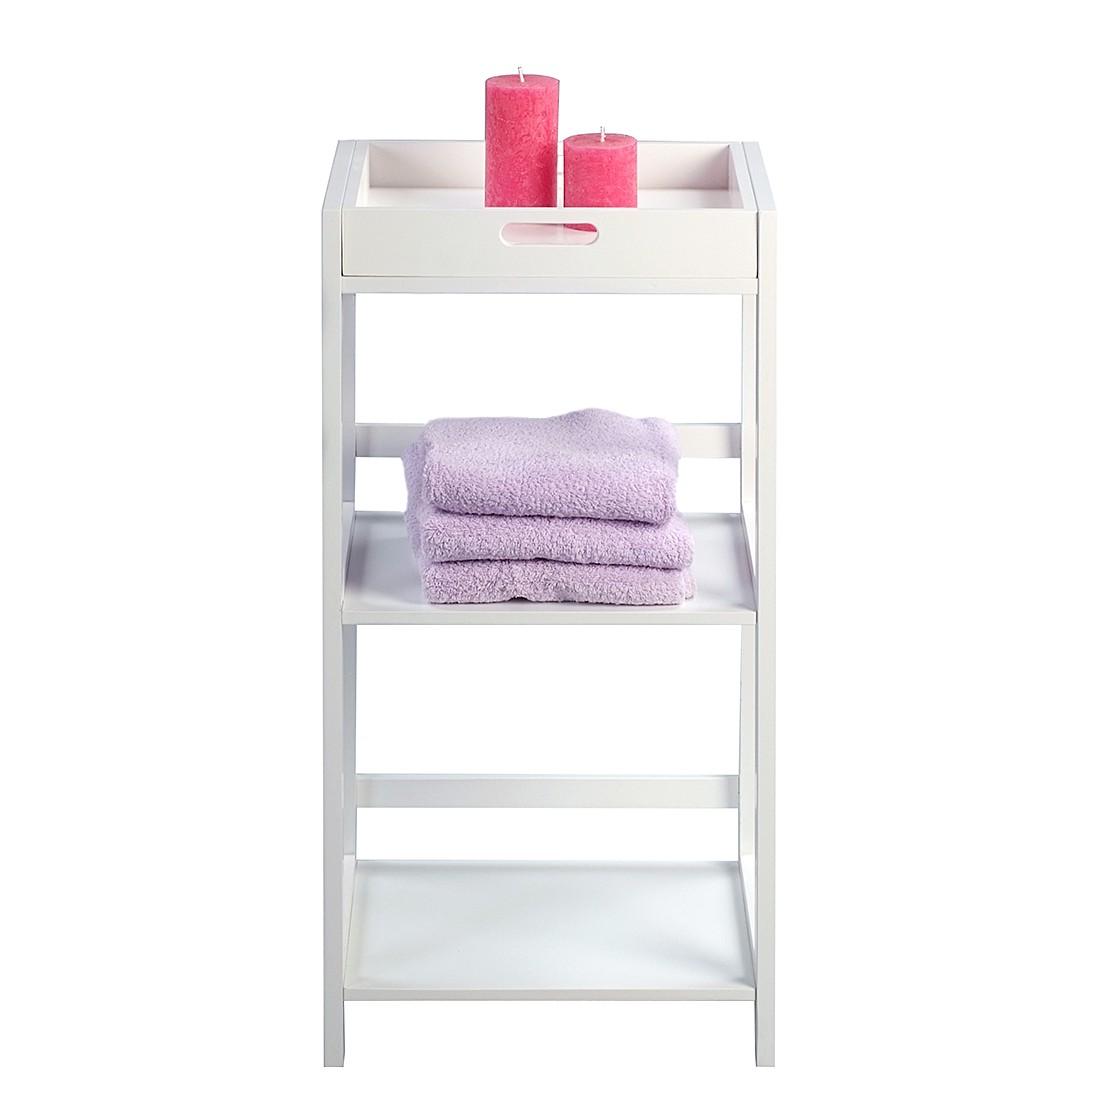 regal 40 cm tief regal 40 cm tief preisvergleiche erfahrungsberichte und kauf bei alu regal 40. Black Bedroom Furniture Sets. Home Design Ideas